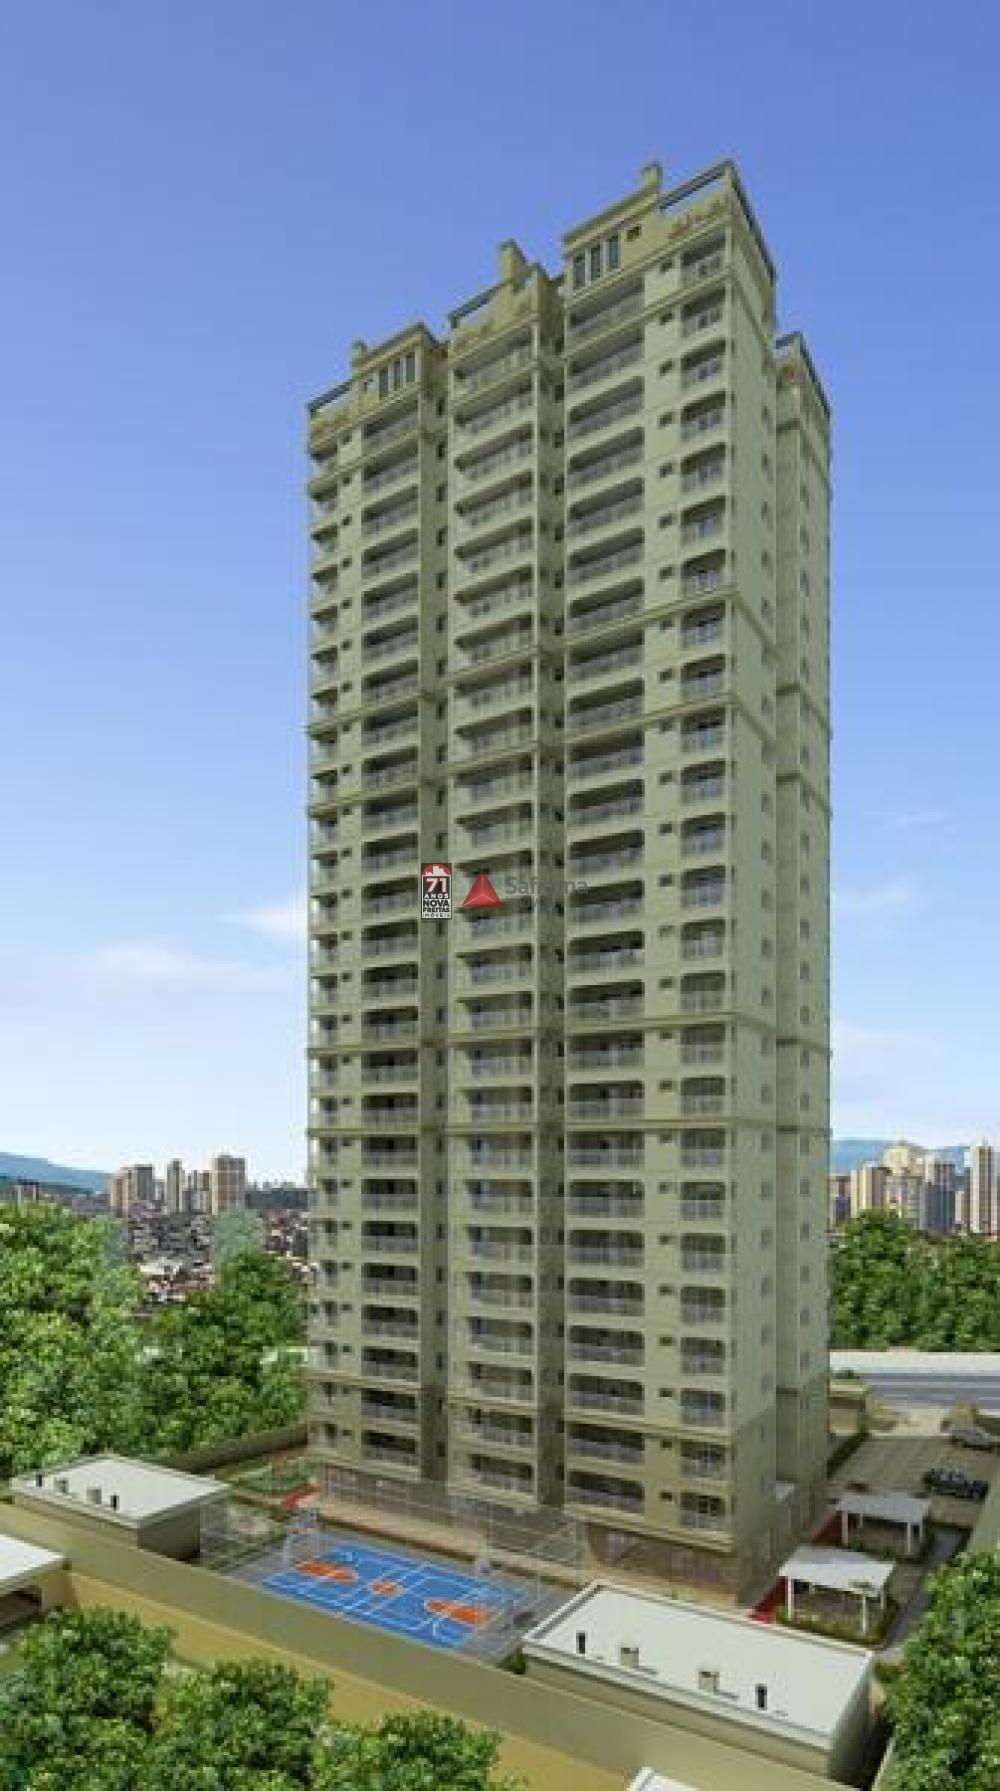 Comprar Apartamento / Padrão em São José dos Campos R$ 633.233,70 - Foto 11